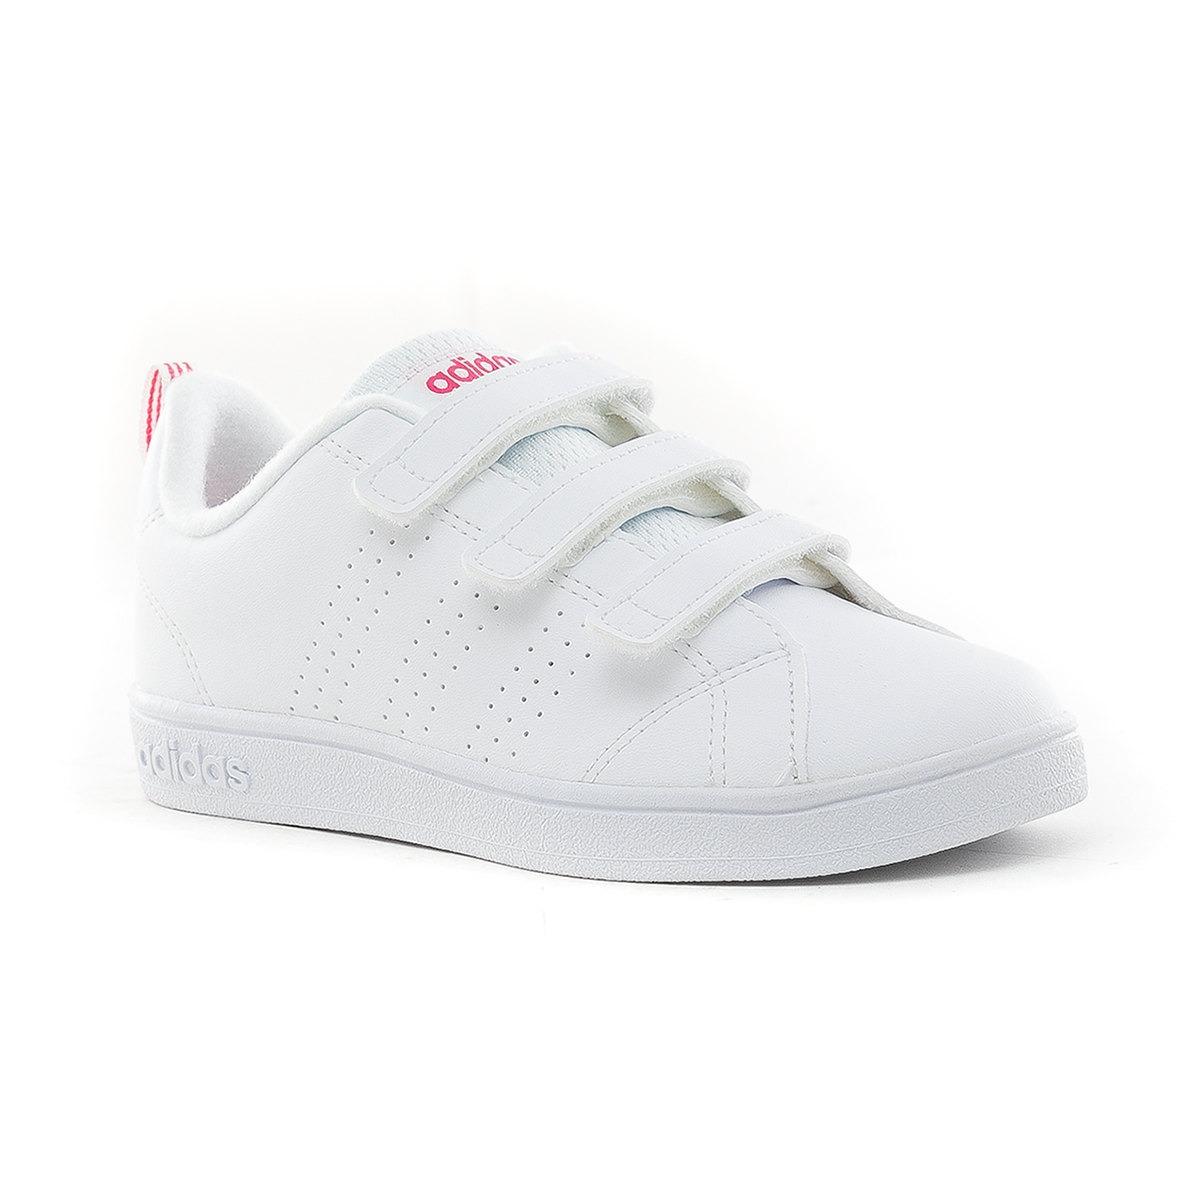 low priced 62a1c fb7e3 zapatillas vs advantage clean blanco adidas. Cargando zoom.